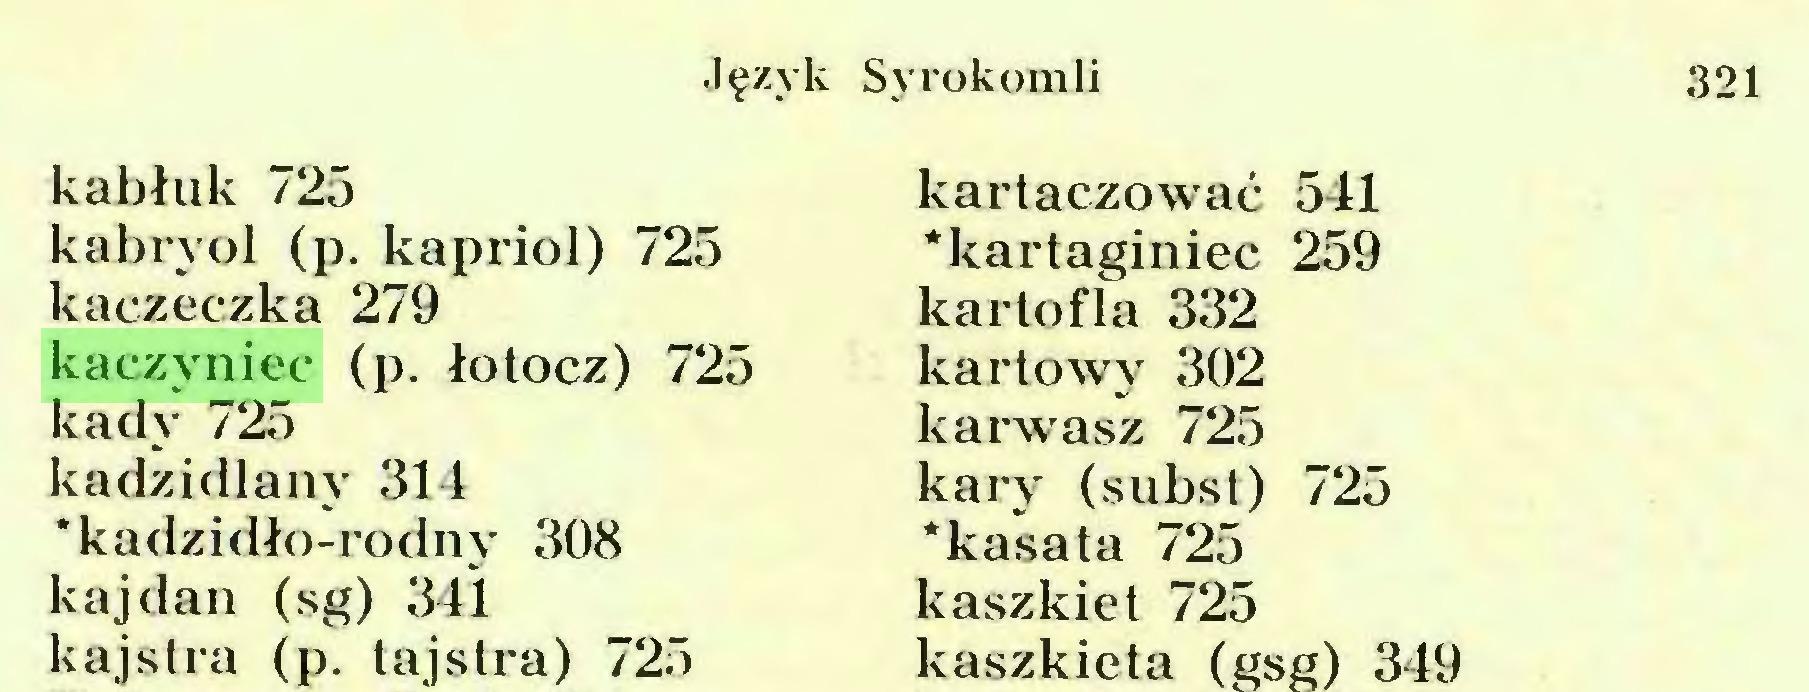 (...) Język Syrokomli 321 kabłuk 725 kabryol (p. kapriol) 725 kaczeczka 279 kaczyniec (p. łotocz) 725 kady 725 kadzidlany 314 'kadzidło-rodny 308 kajdan (sg) 341 kajstra (p. tajstra) 725...